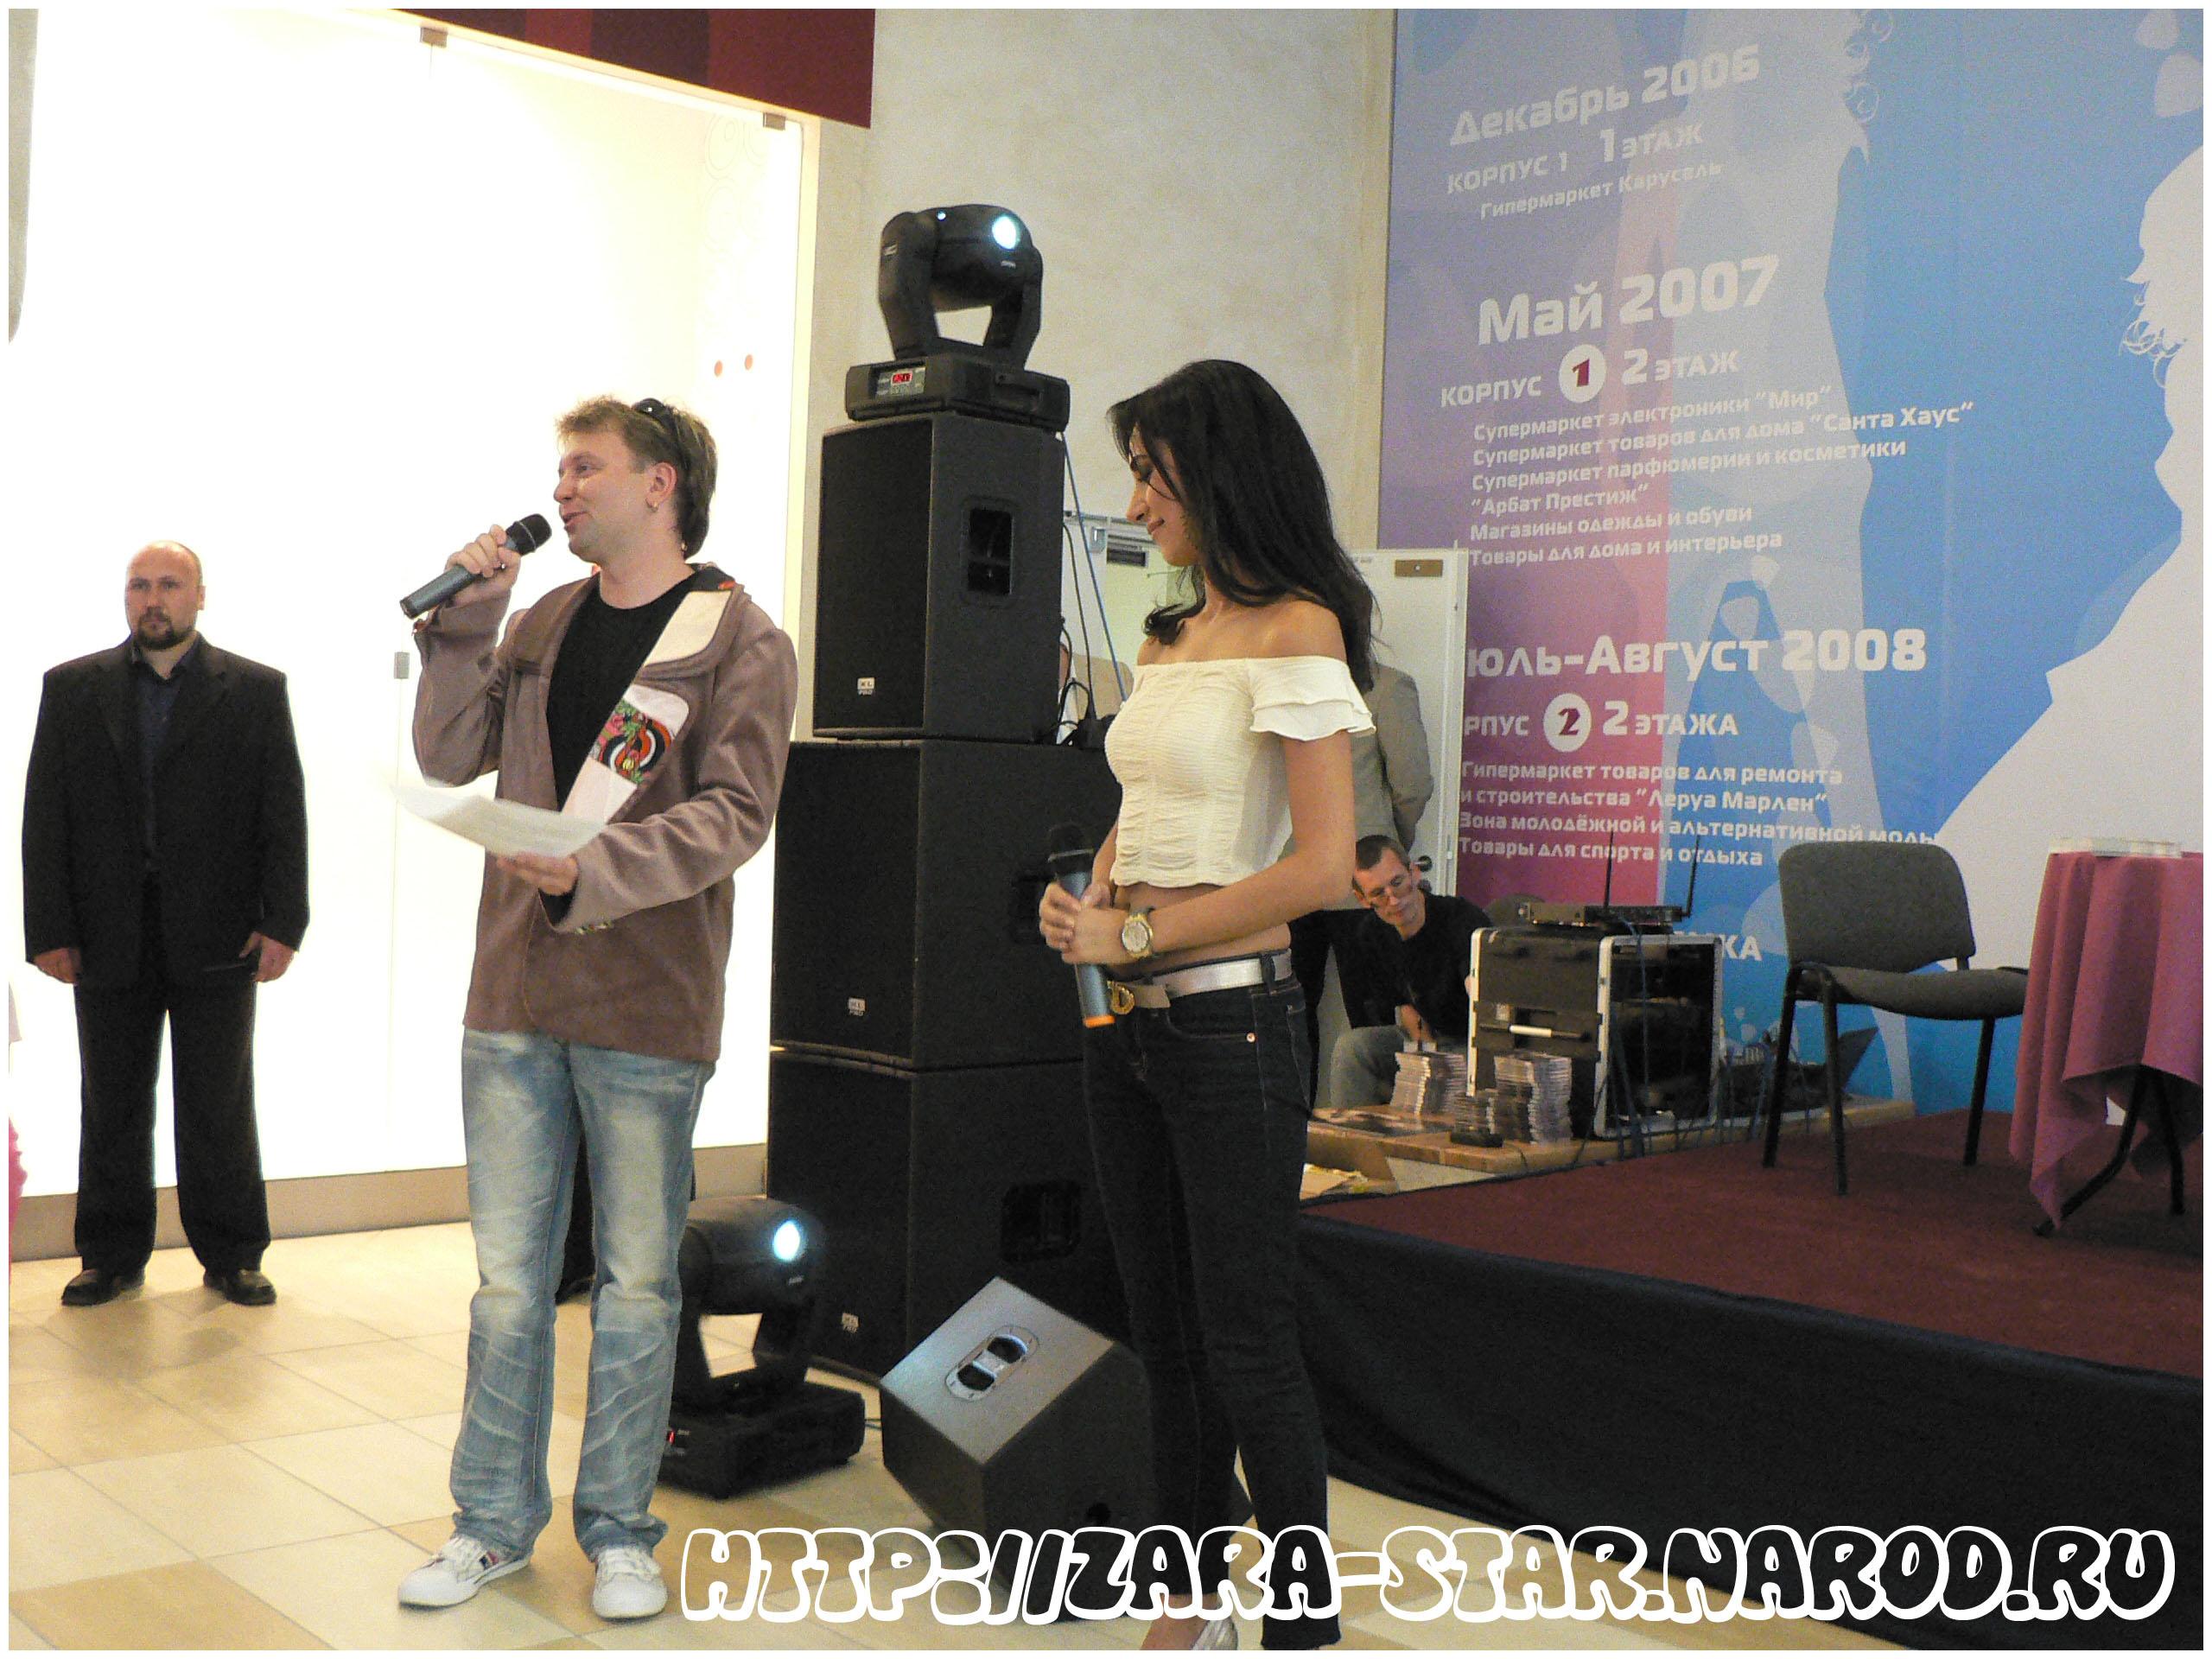 http://zara-star.narod.ru/foto/070707/P1110349.JPG